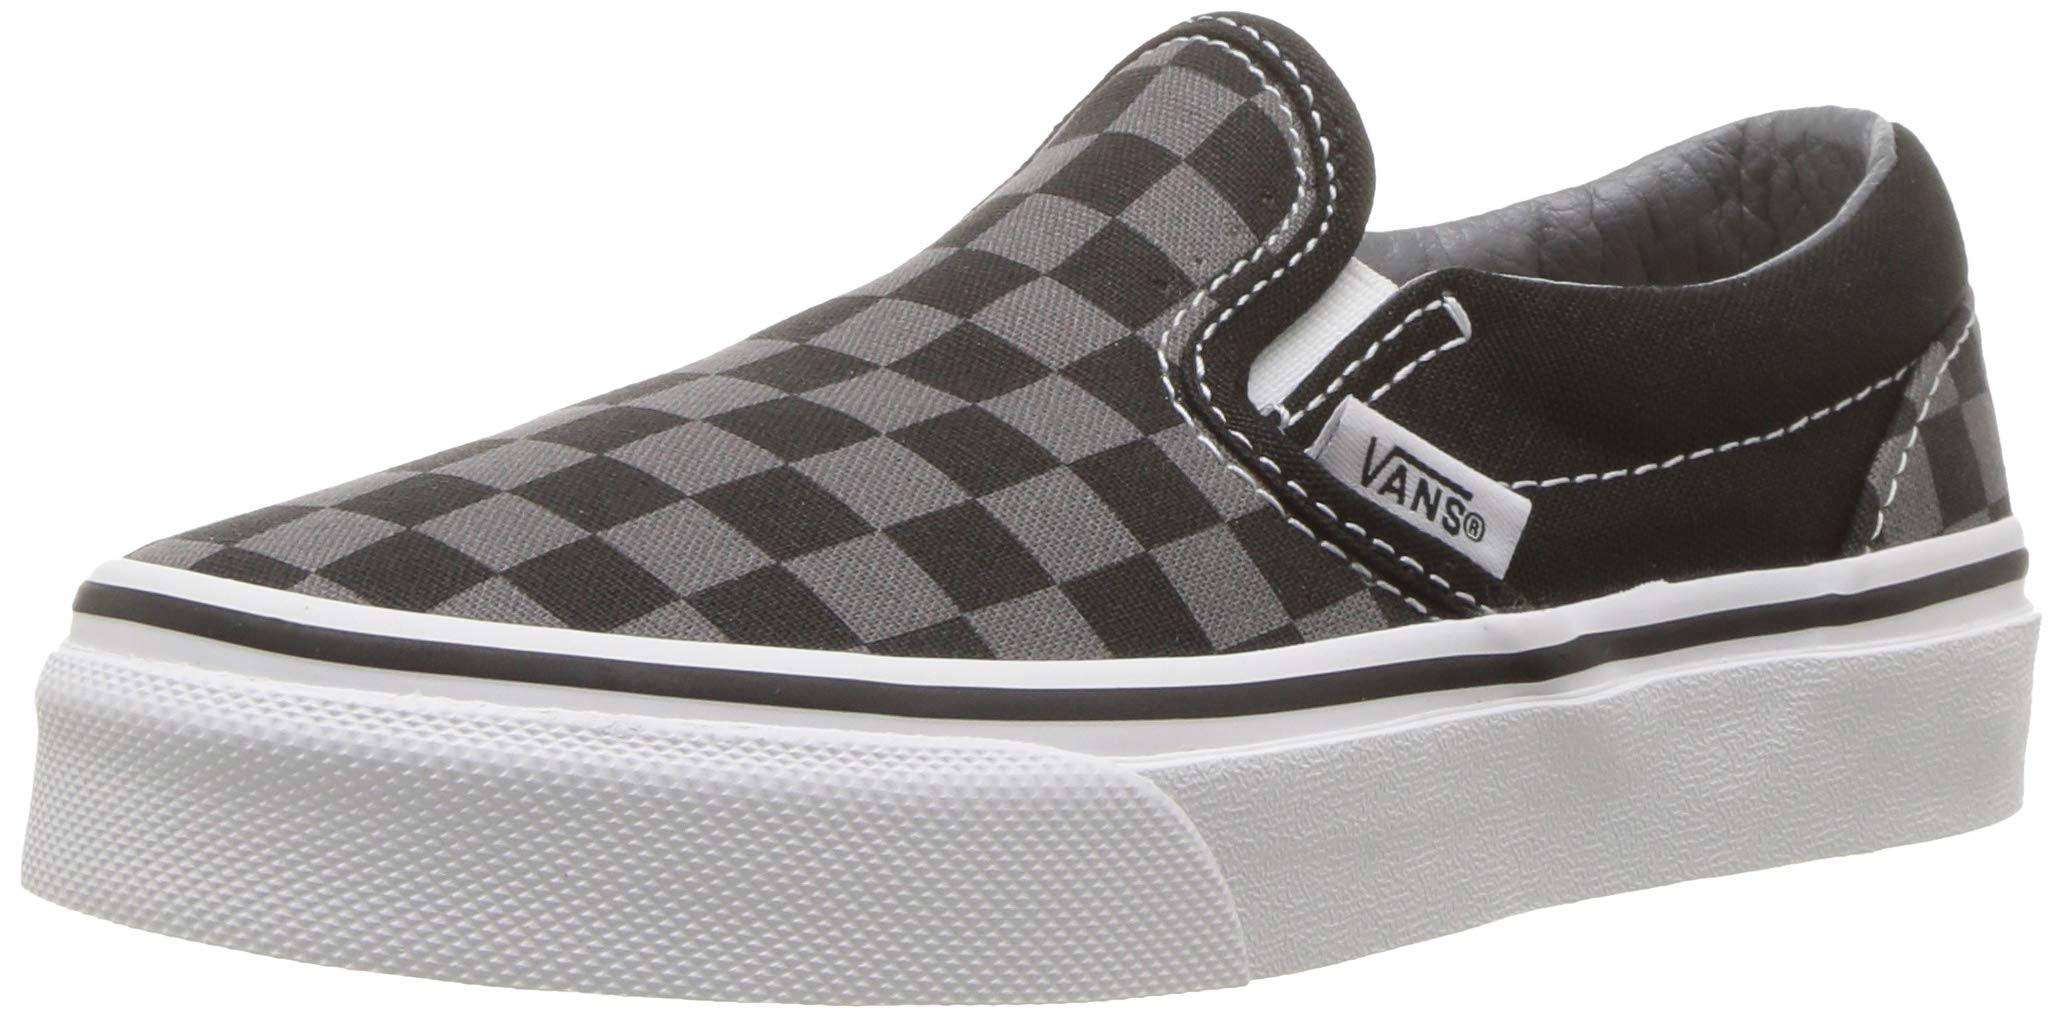 10 on Negro Checkerboard 5 Slip Niños Para Classic Zapatillas Gris Vans nfawqzCPxY